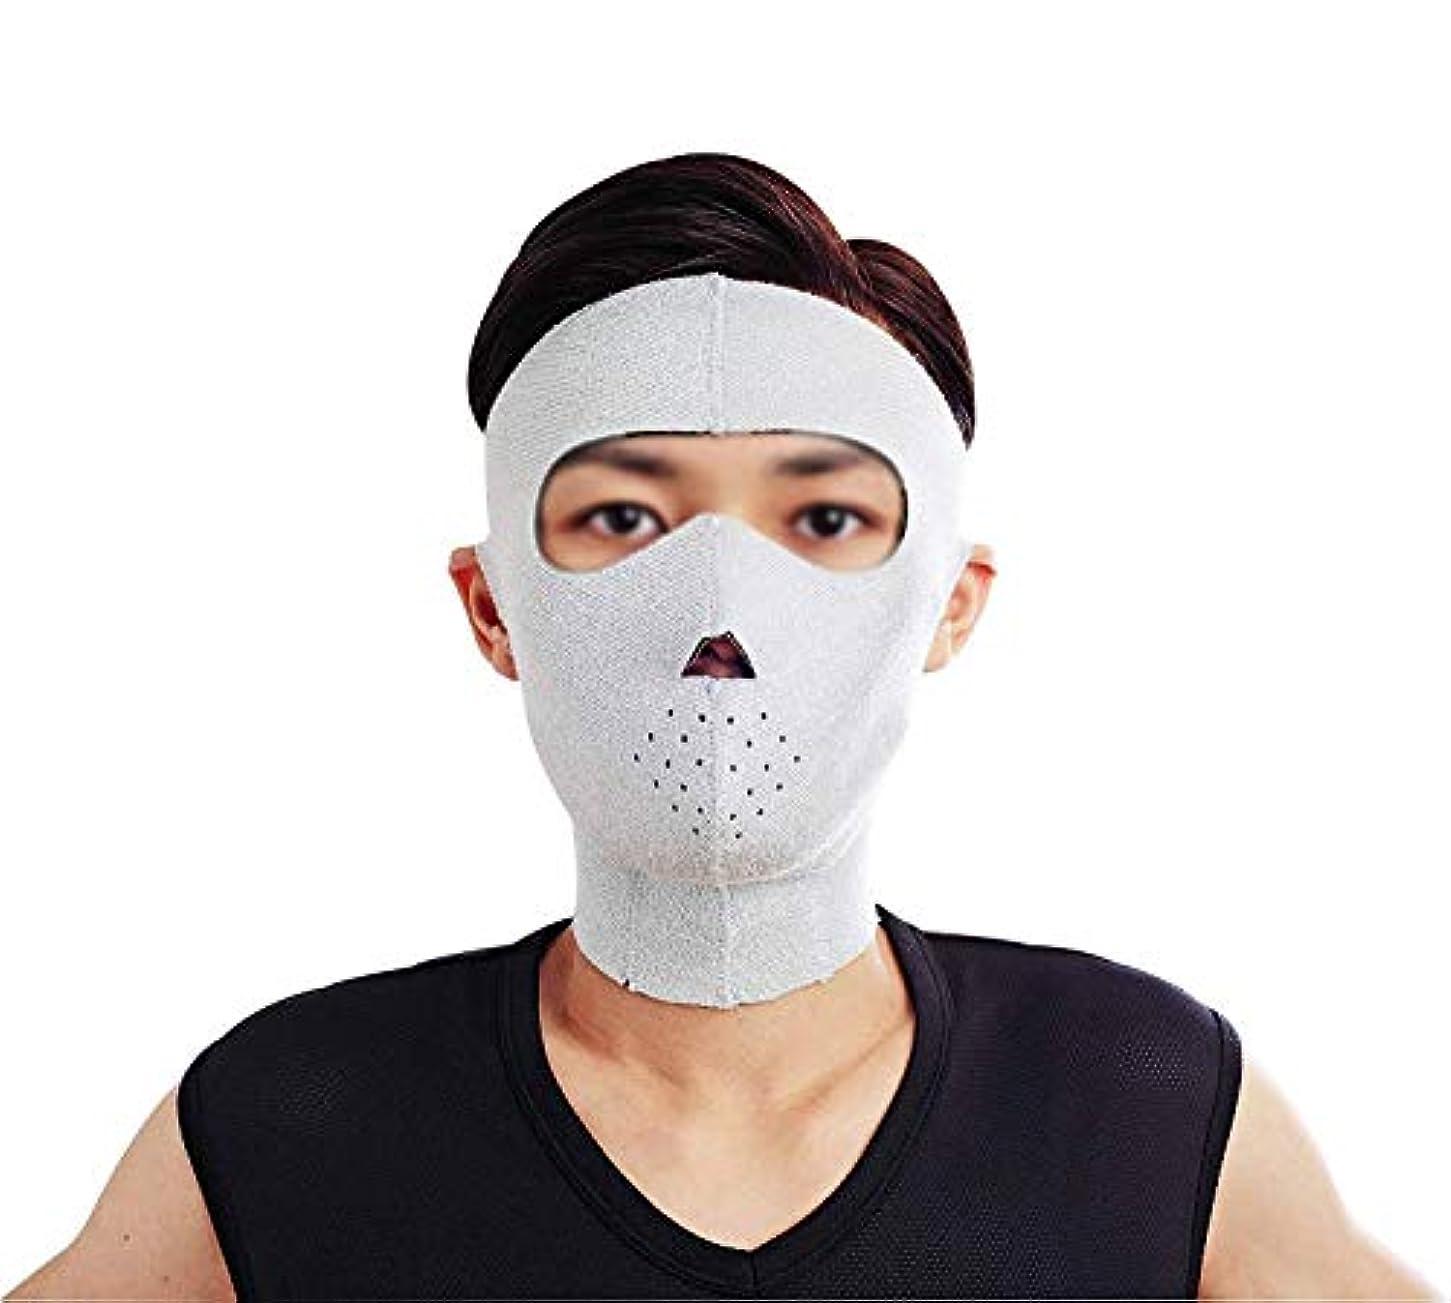 酔う短くする所属フェイスリフトマスク、フェイシャルマスクプラス薄いフェイスマスクタイトなたるみの薄いフェイスマスクフェイシャル薄いフェイスマスクアーティファクトビューティー男性ネックストラップ付き